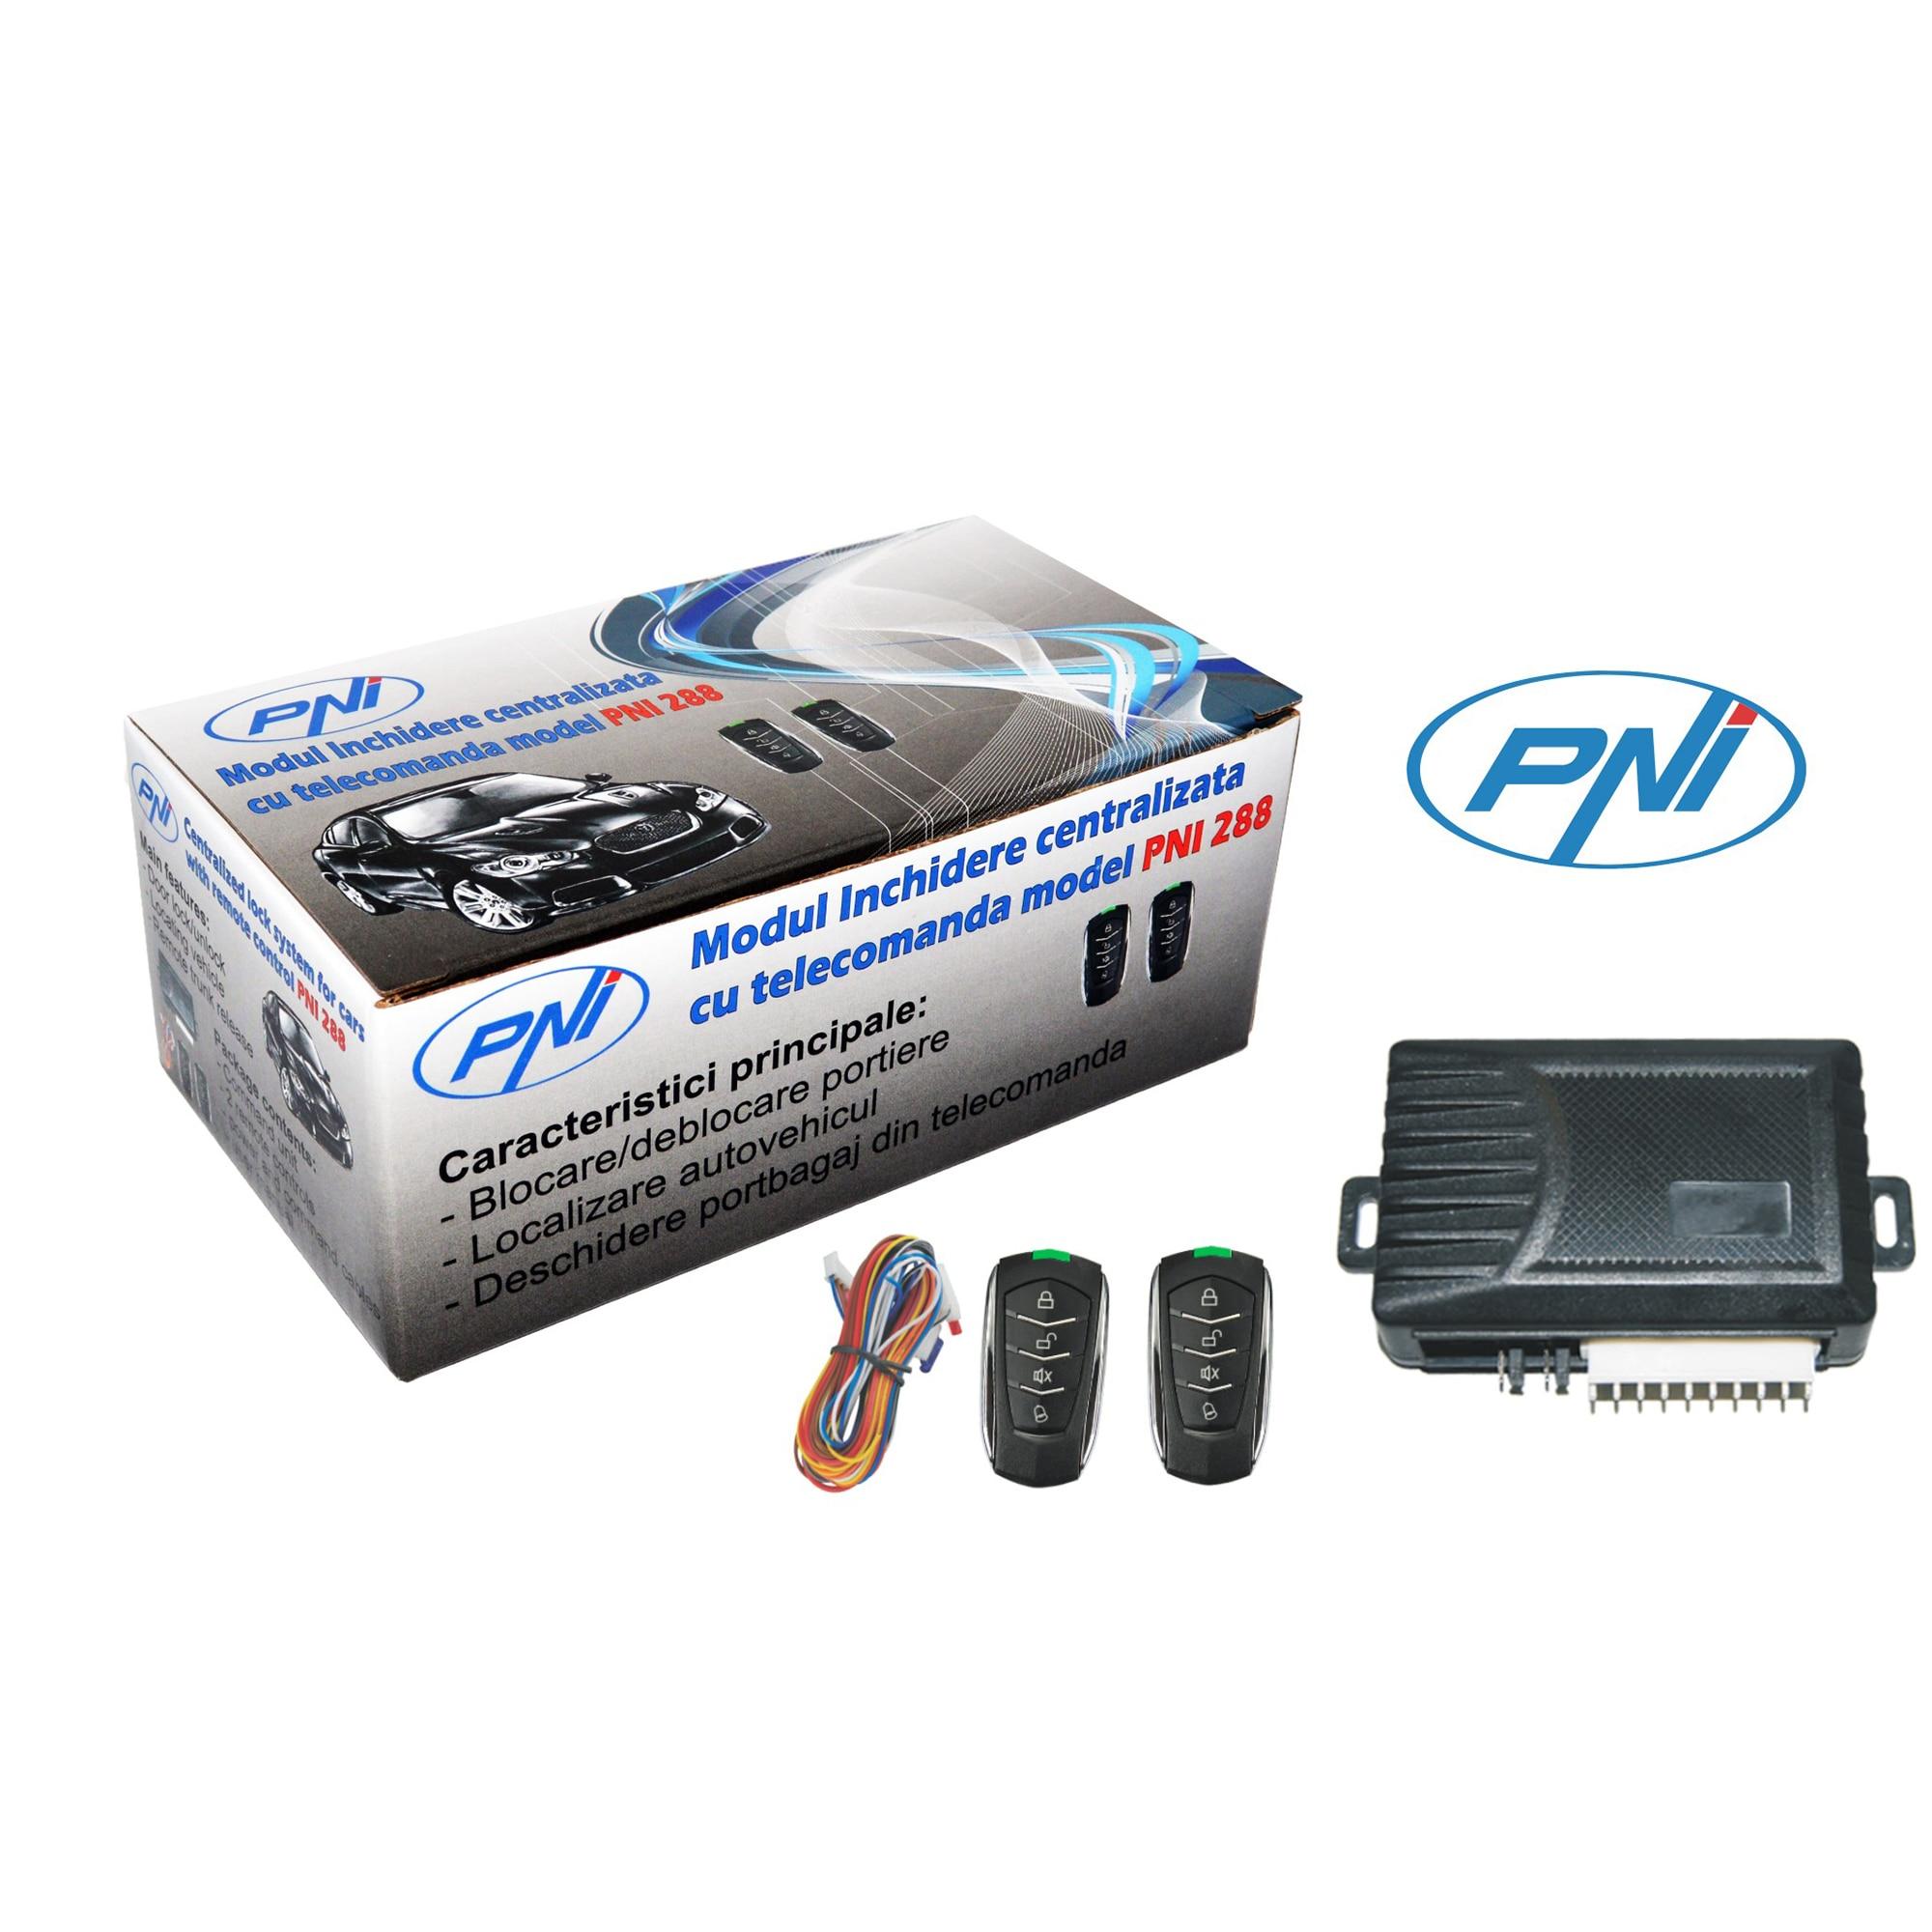 Fotografie Modul Inchidere centralizata PNI 288 cu telecomanda